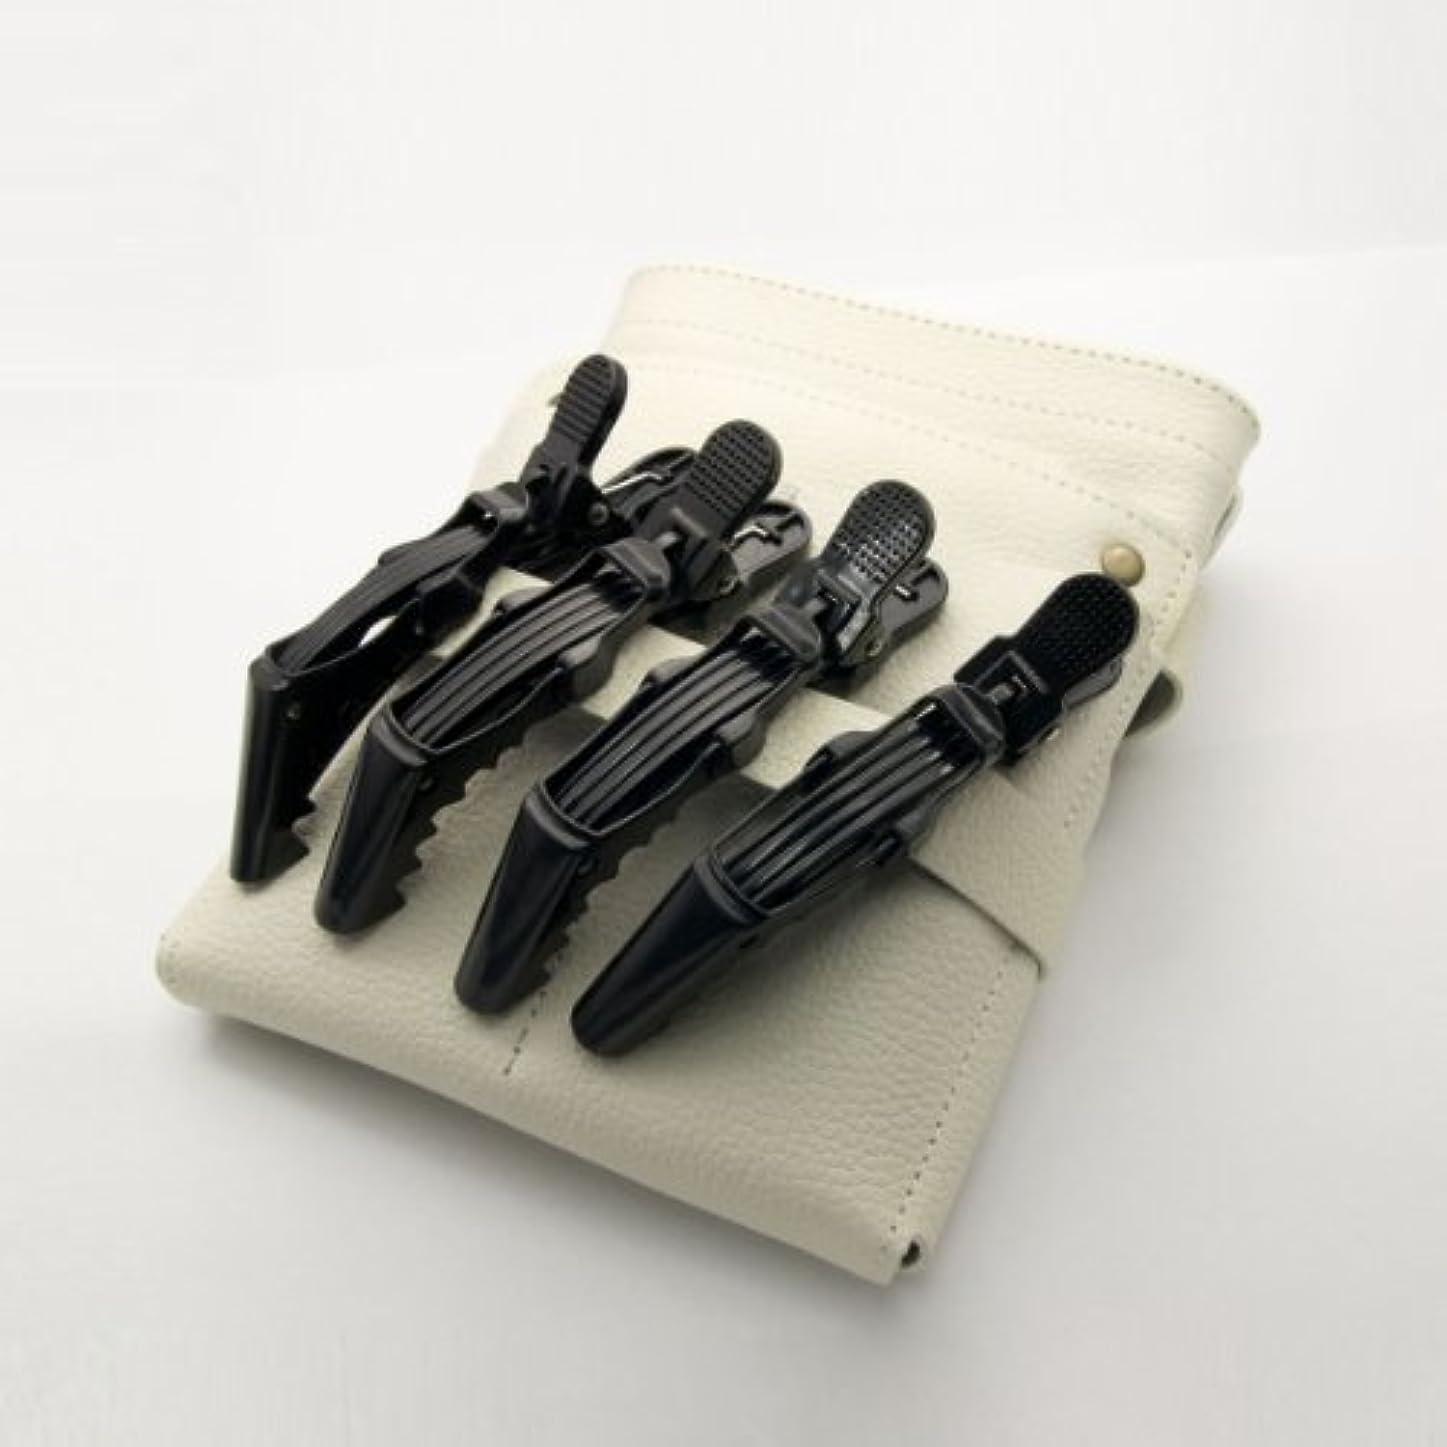 カード懲らしめぴかぴかDEEDS C-0010 プロ用 ワニクリップ ブラック 美容 クリップピン 黒 ヘアクリップ 美容小物